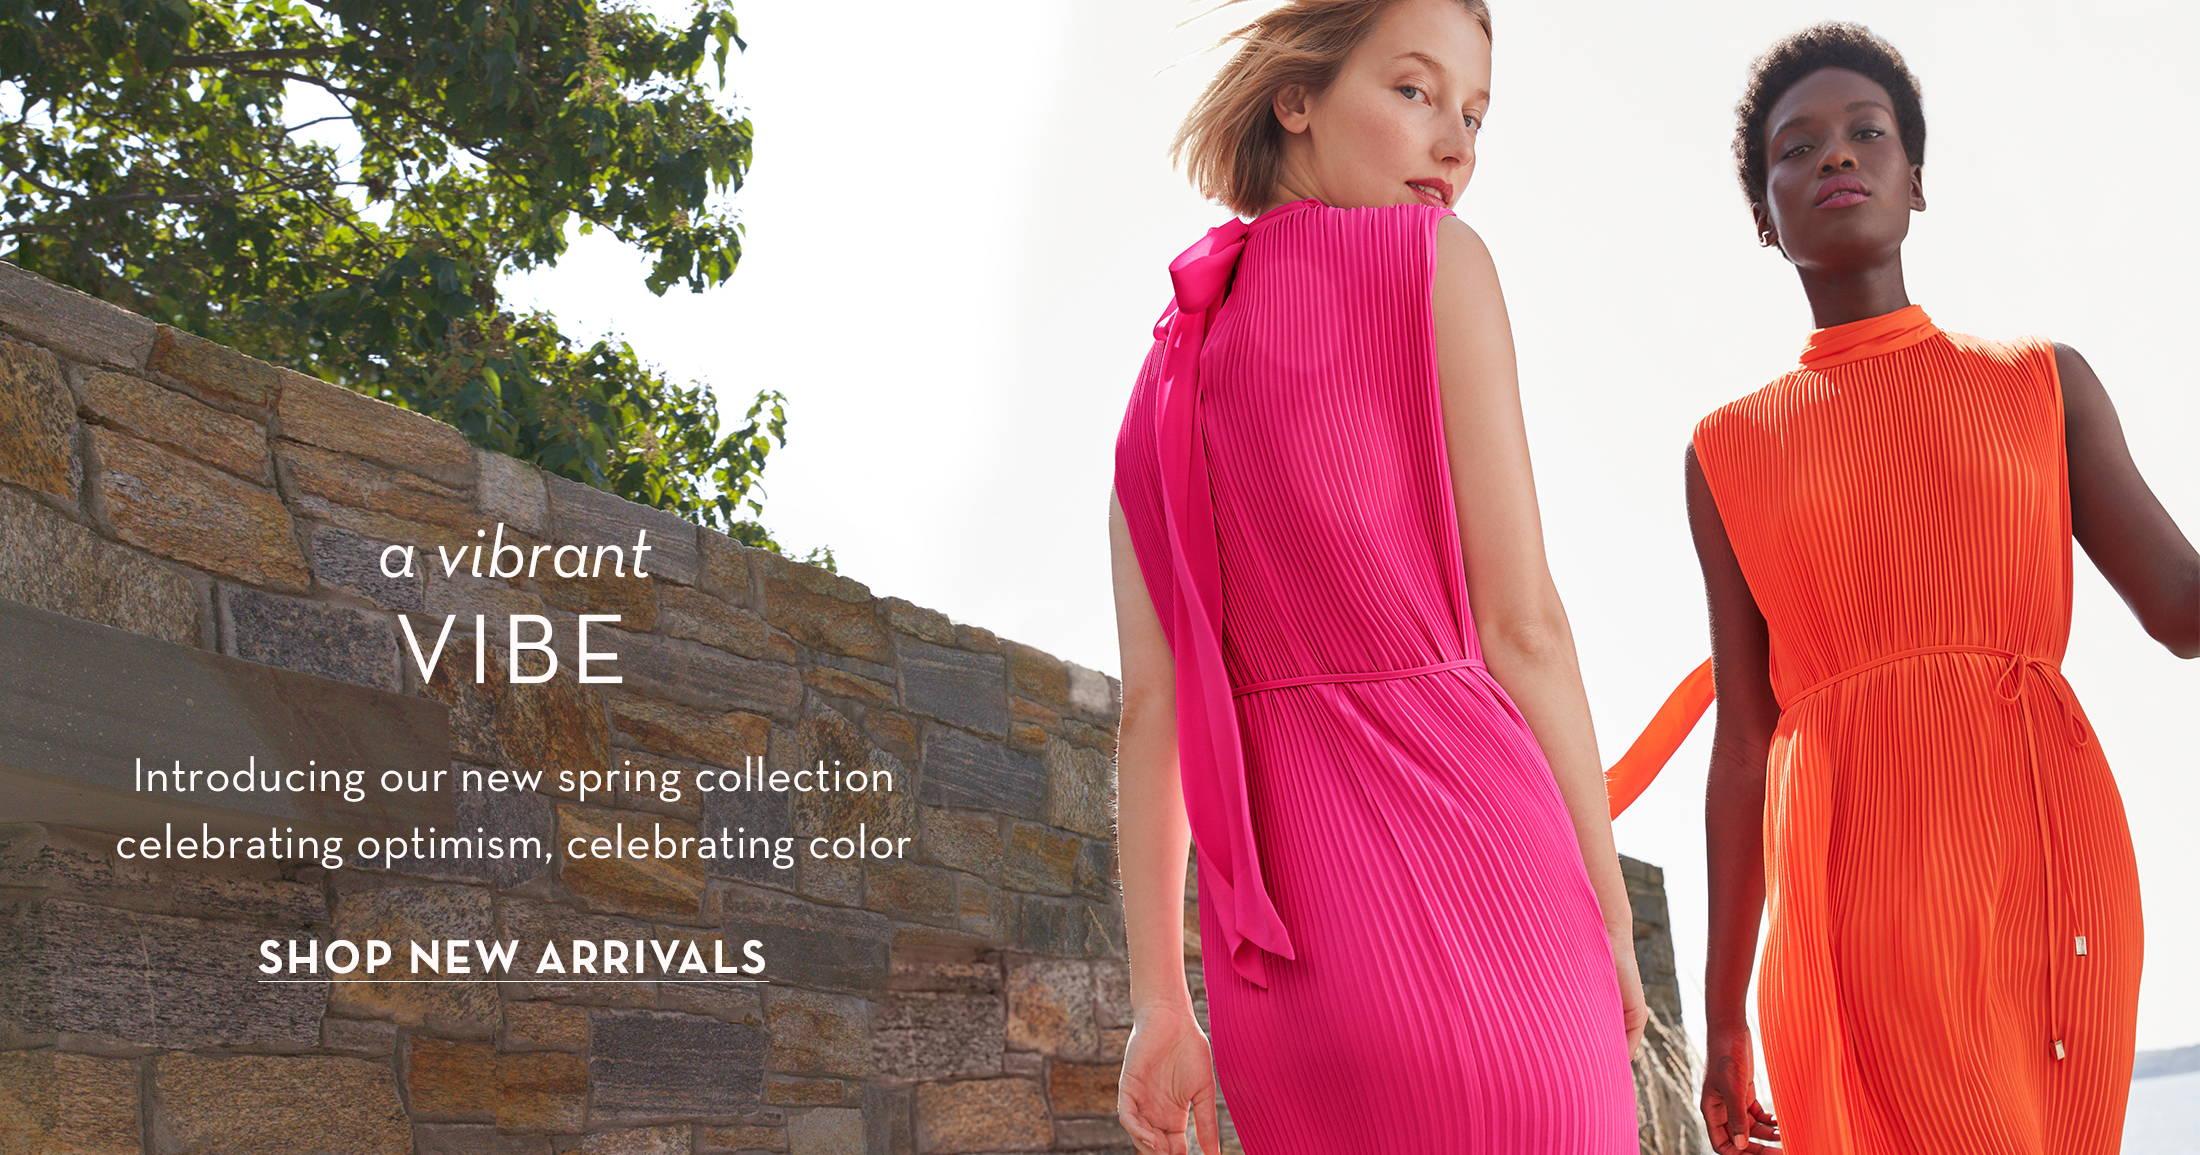 A vibrant vibe, shop new arrivals